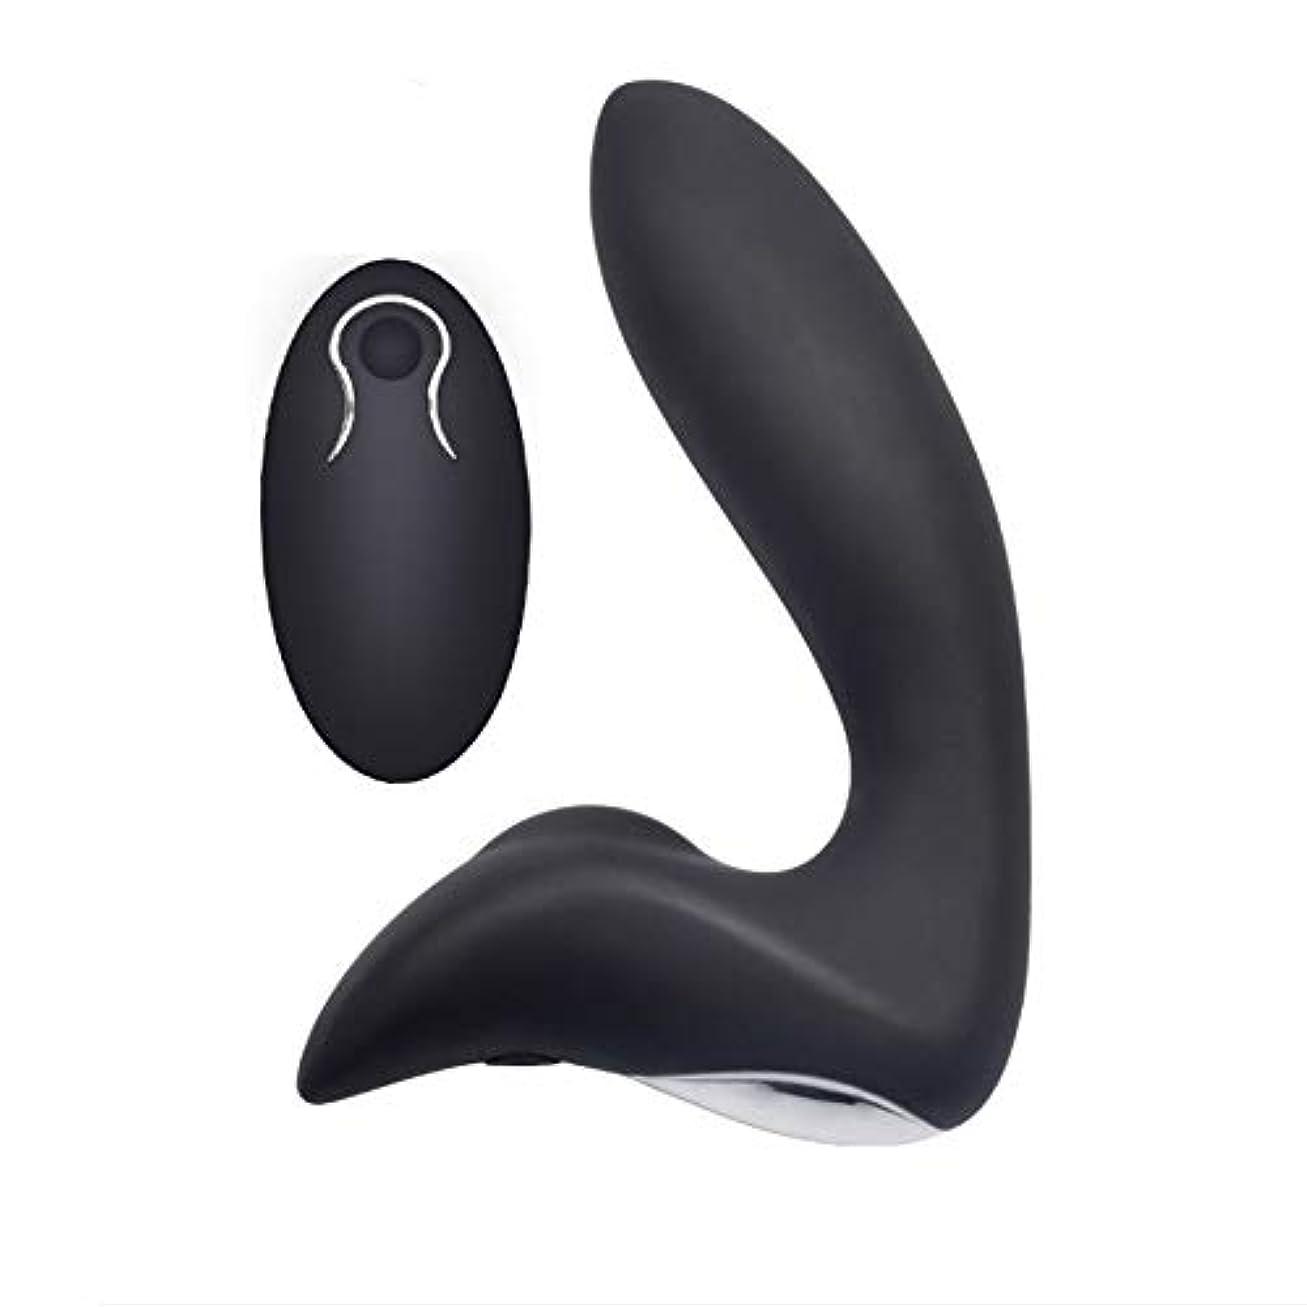 秘書半円体現する電気式マッサージ器前立腺マッサージ器黒色リモートコントロール付き12周波数感受性領域は静かな防水性大人を刺激する